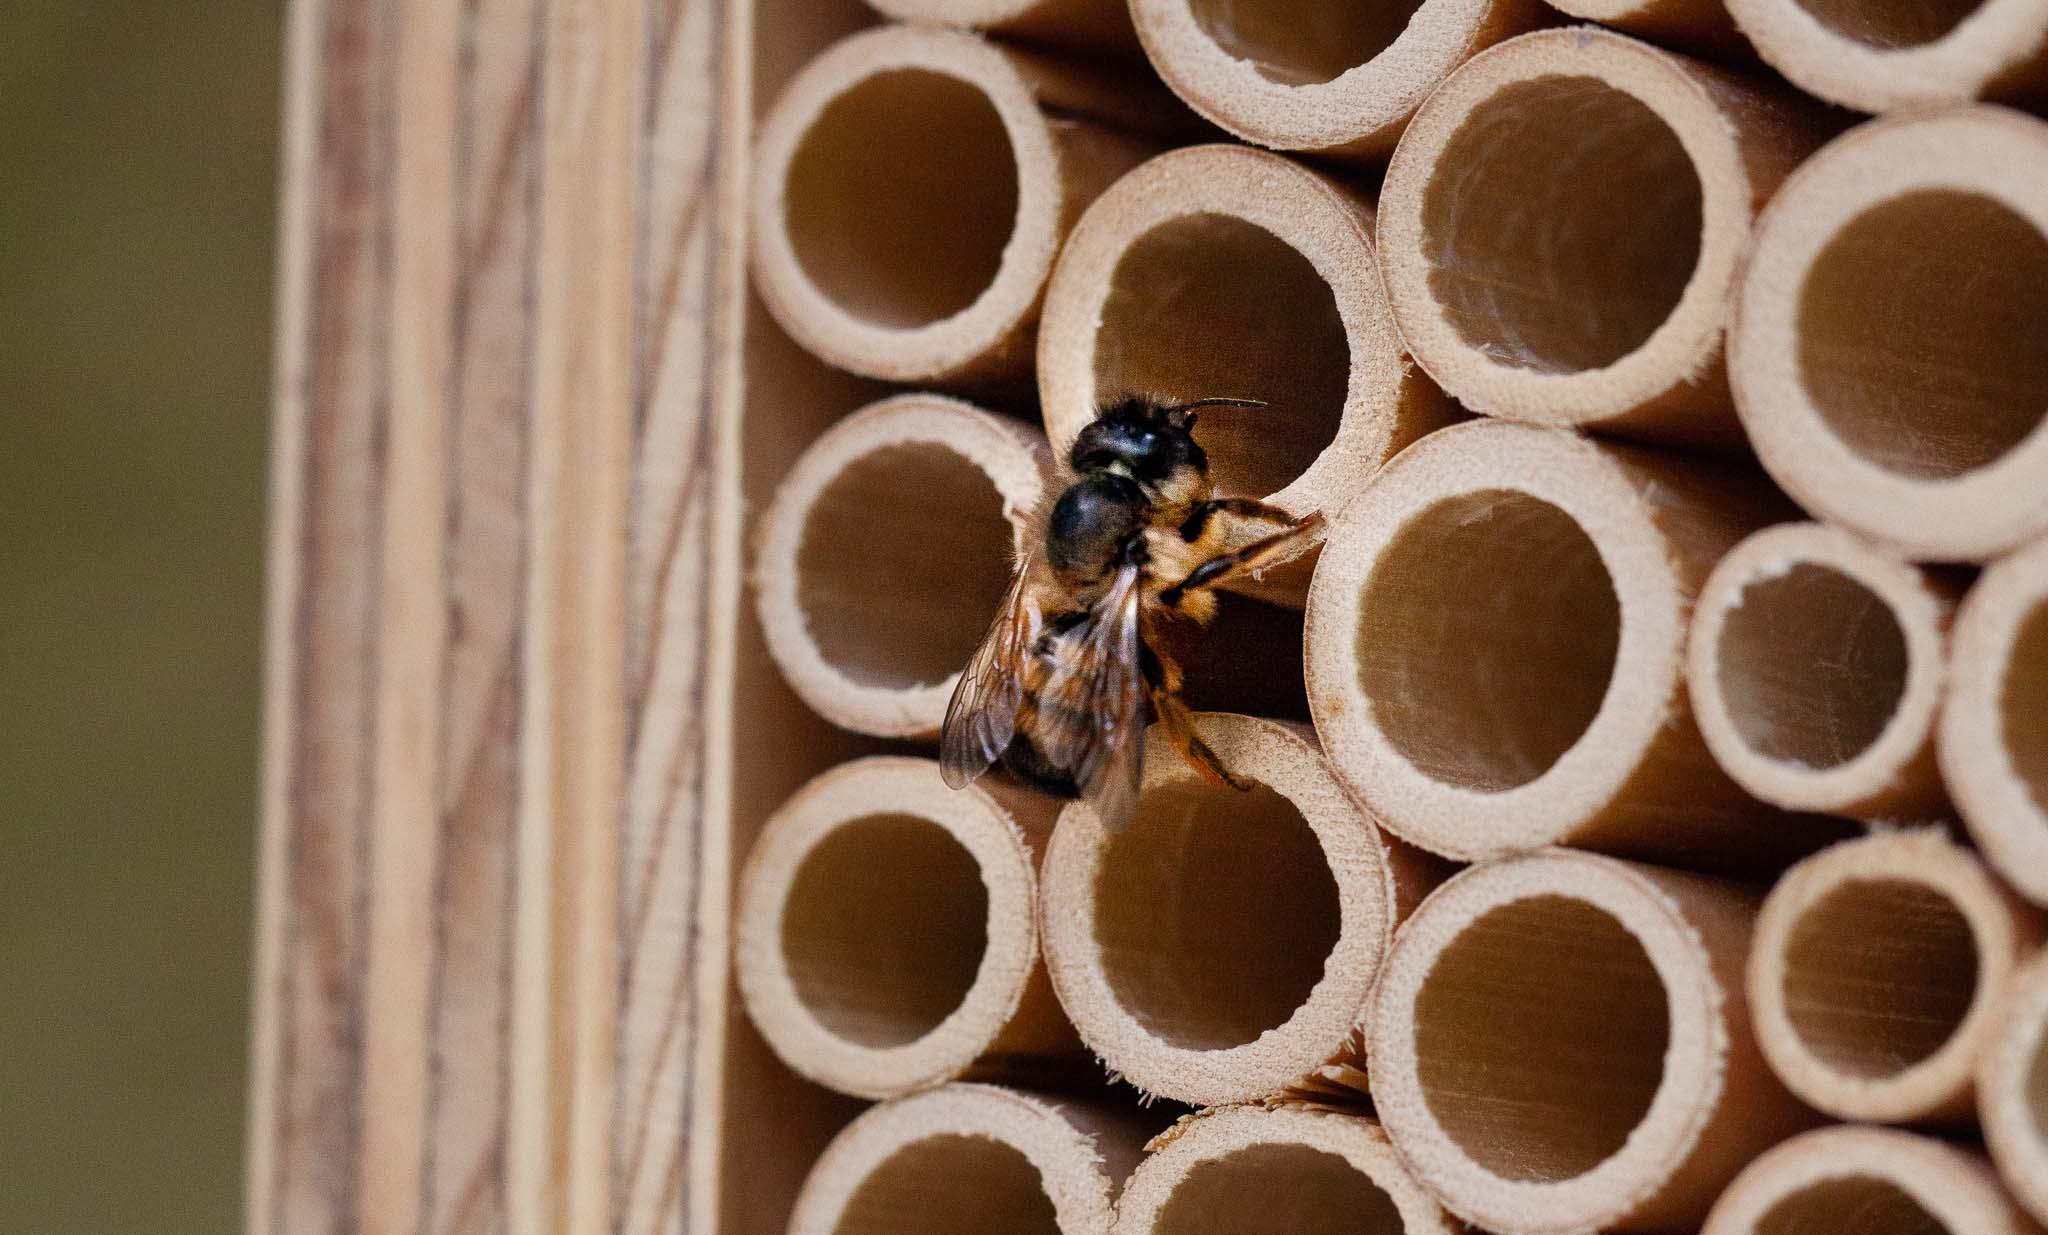 Les abeilles sauvages maçonnes sont des insectes inoffensifs